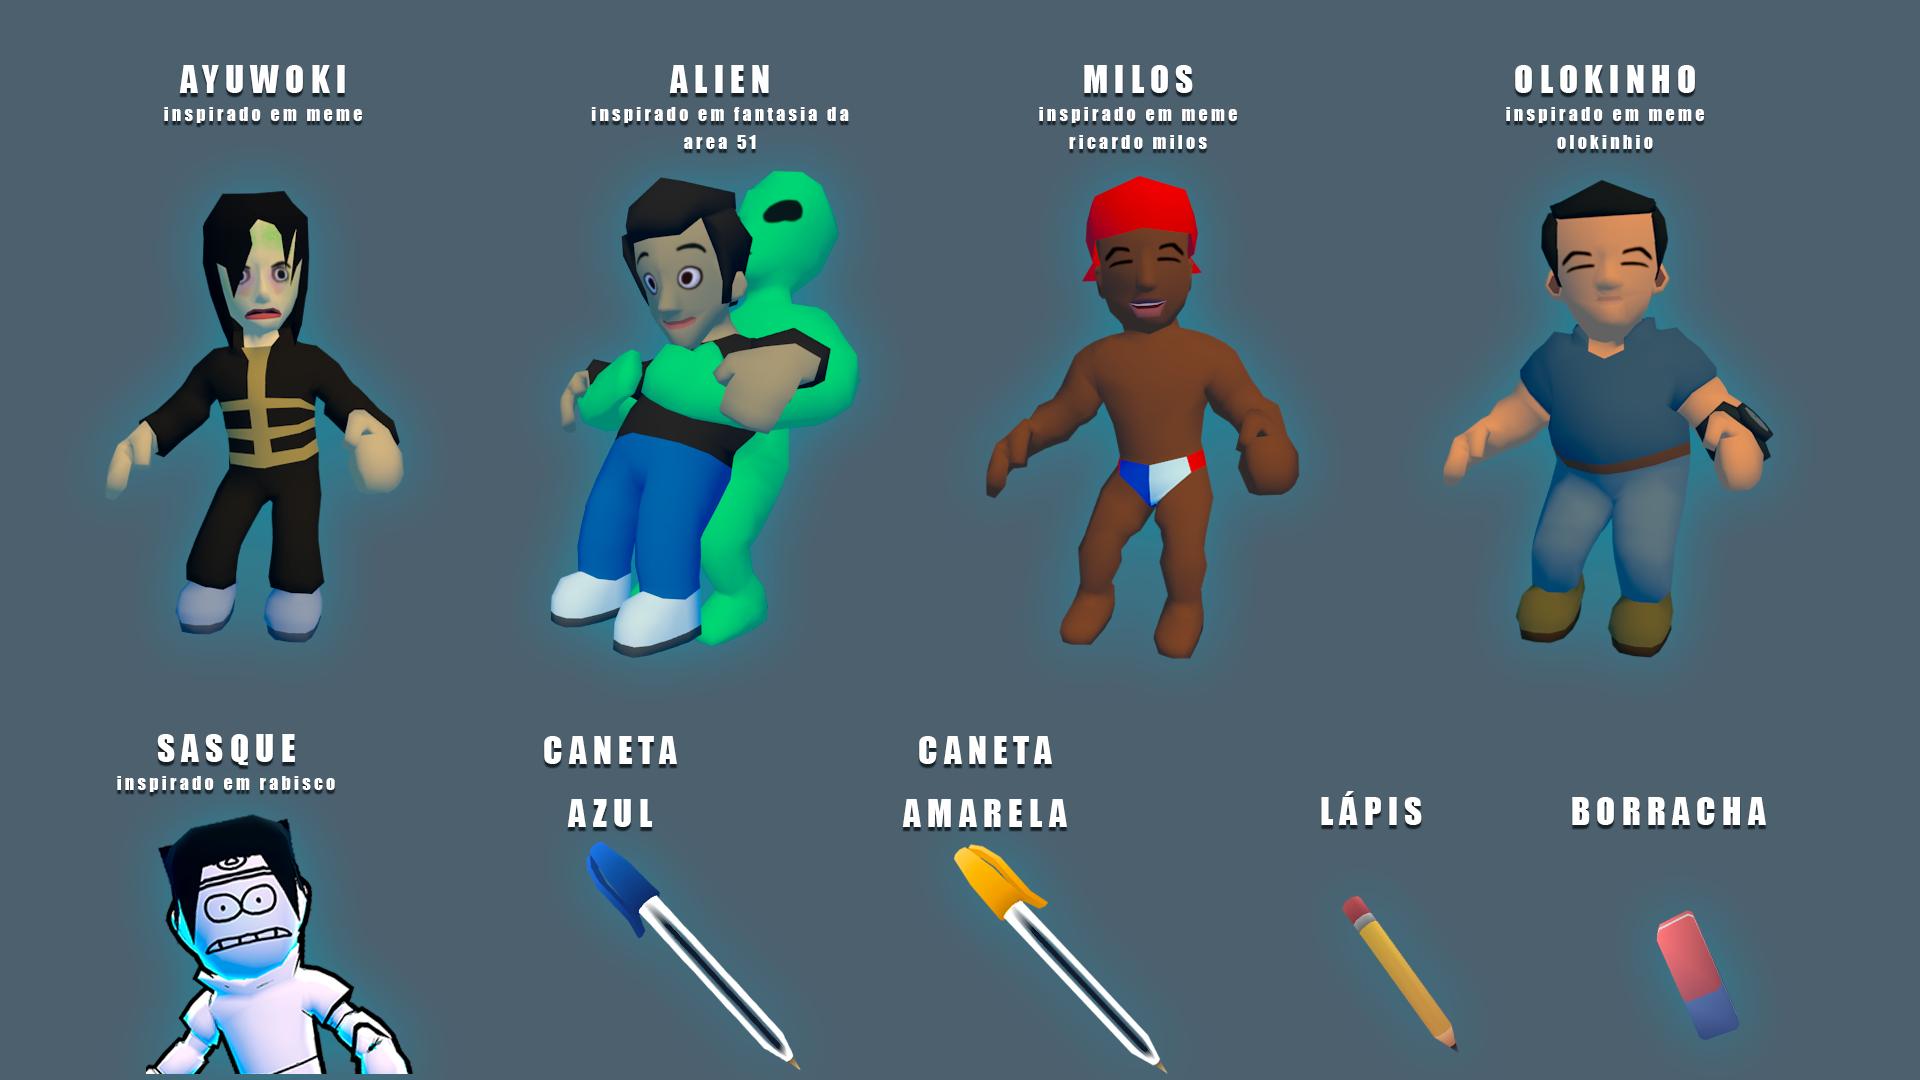 Skins Para Caneta Azul: O Jogo